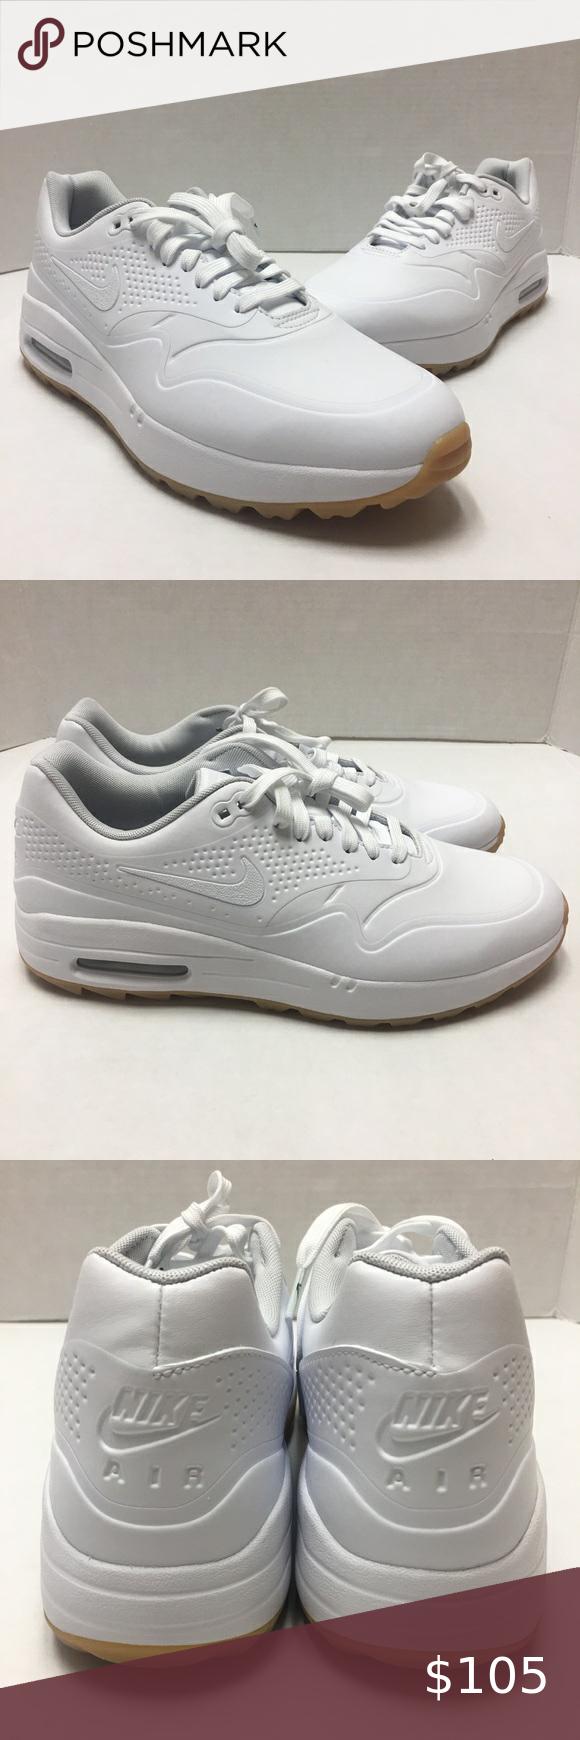 Nike Air Max 1 G Golf Shoes Spikeless White Gum Nike Air Max 1 G Golf Shoes Spikeless White Gum Sole Size Women S 10 5 Men In 2020 Nike Air Max Golf Shoes Nike Air